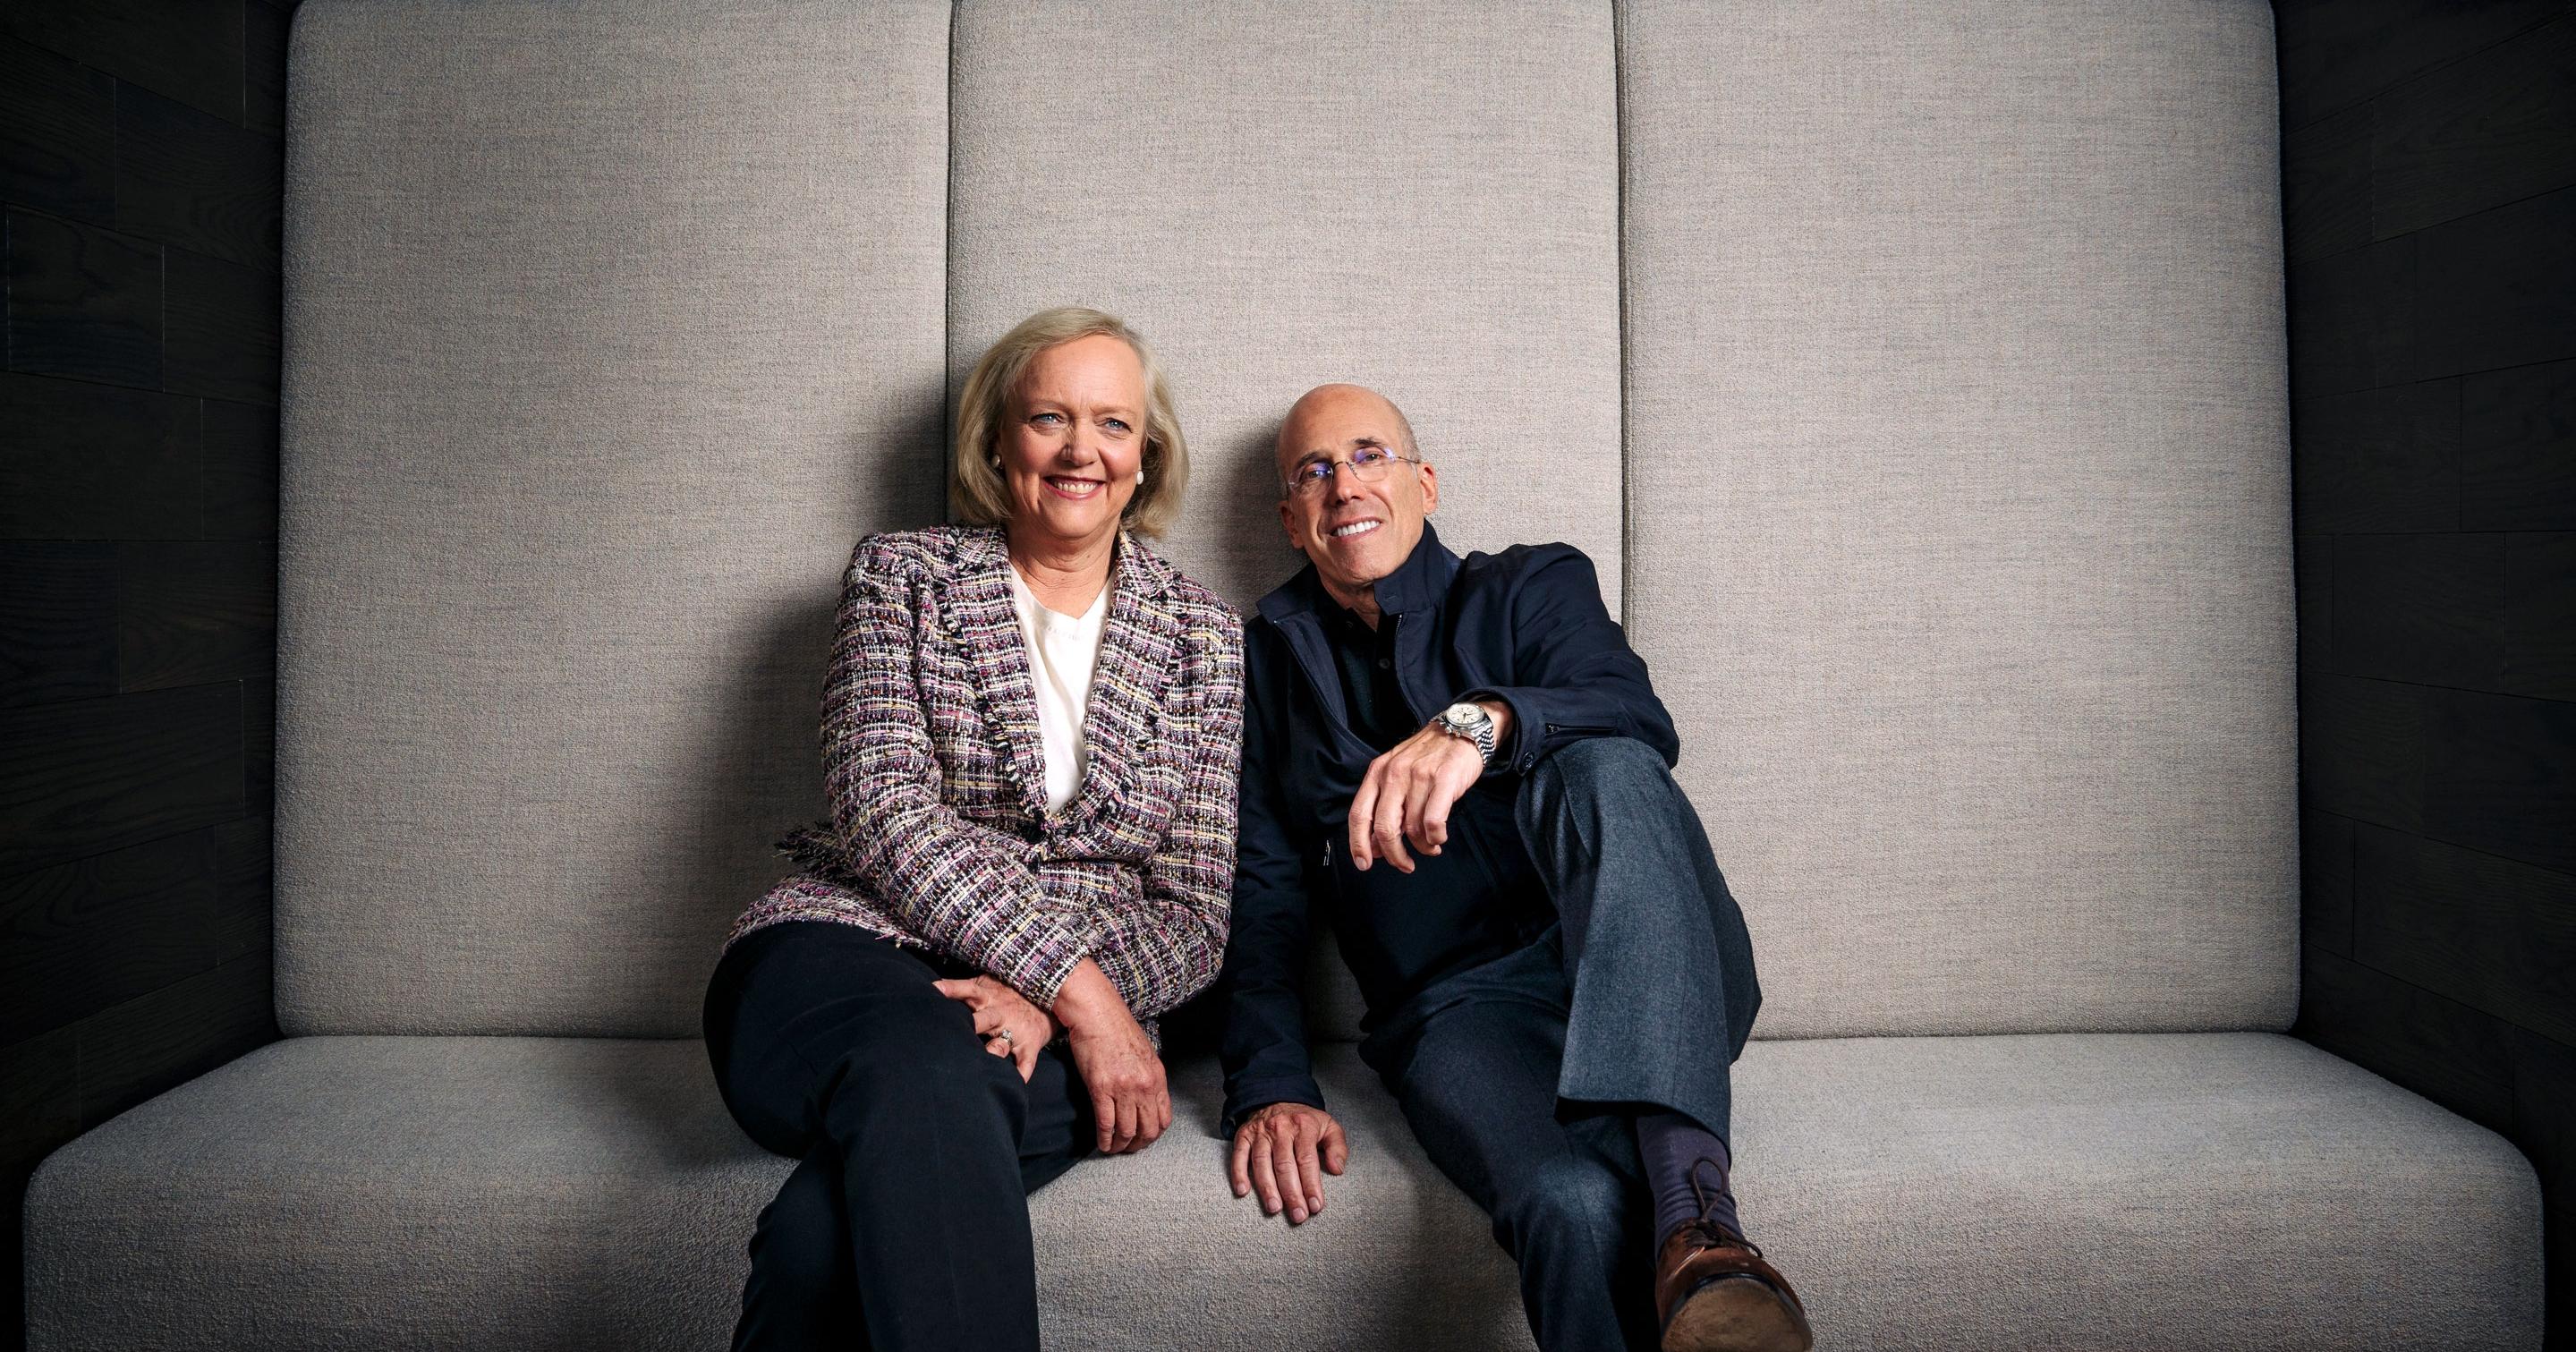 Meg Whitman et Jeffrey Katzenberg, créateurs de Quibi, veulent révolutionner la diffusion et créer une troisième génération de narration cinématographique